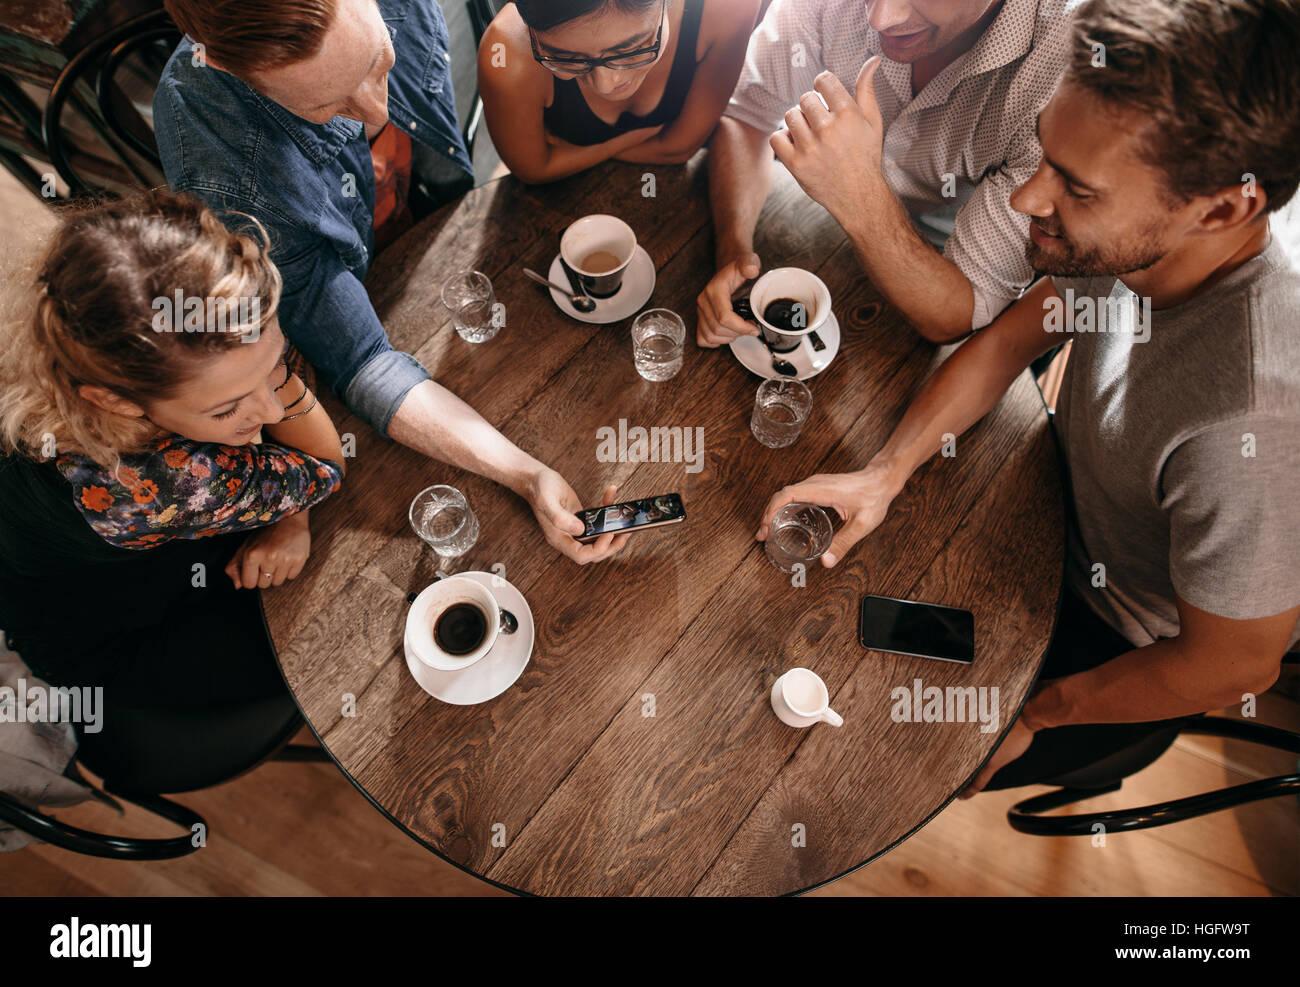 Gruppe von Freunden im Café und Smartphone betrachten. Mann zeigt etwas zu seinen Freunden zu sitzen. Stockbild